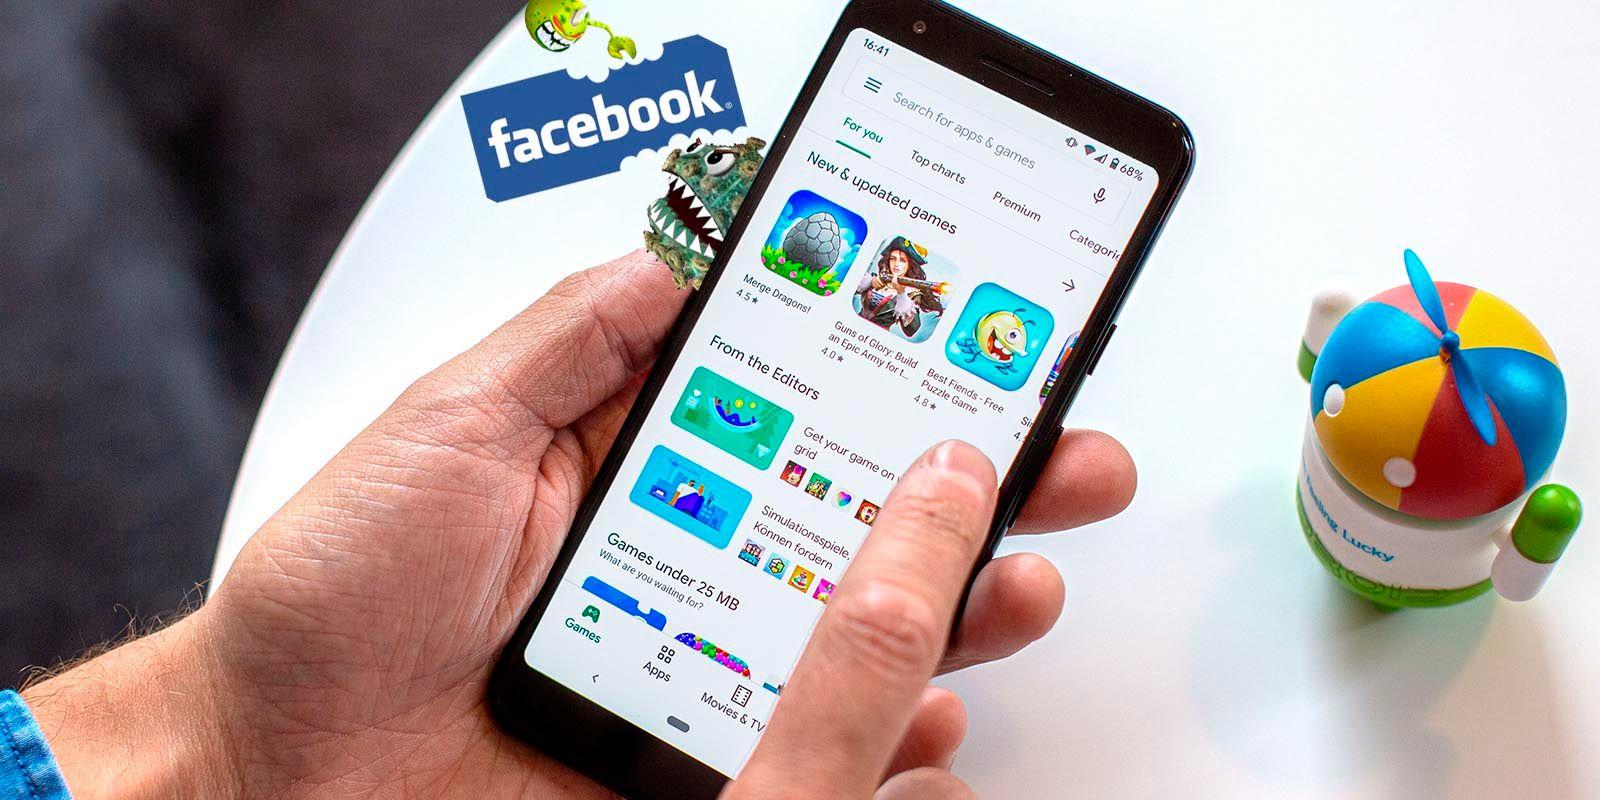 Estas apps pueden robar tu contraseñaa de Facebook